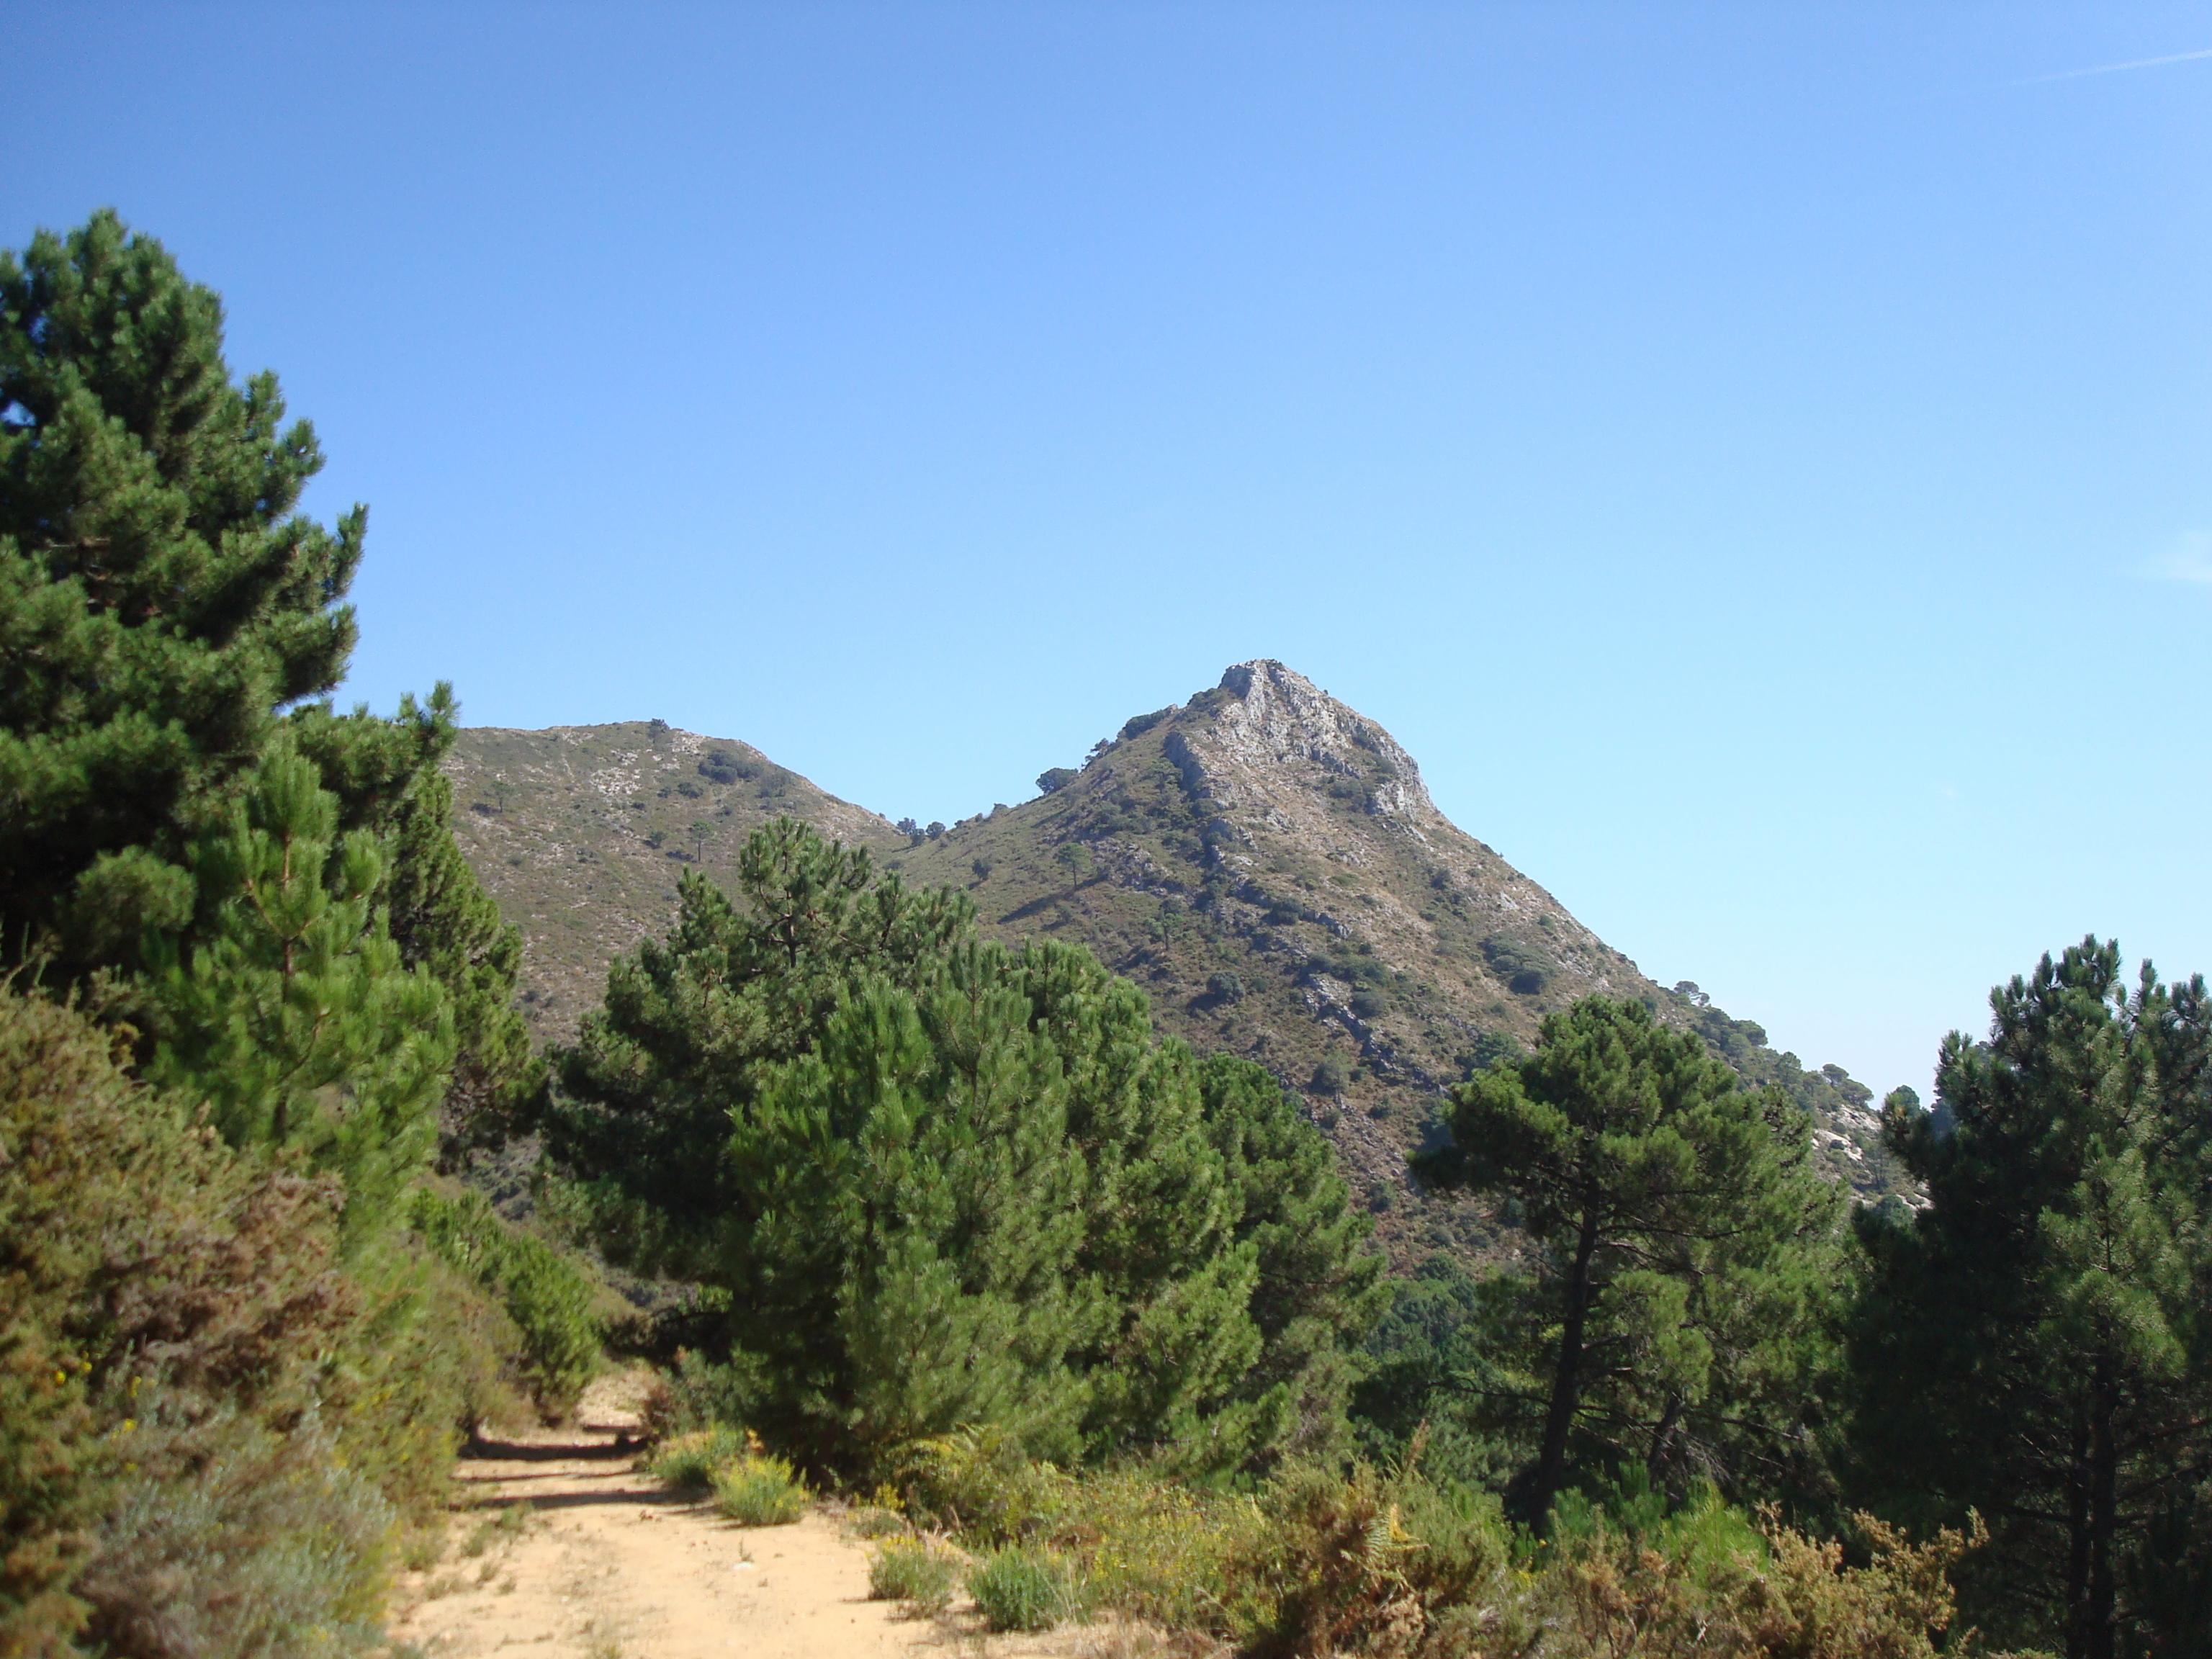 Ojen Mountains, www.andrewforbes.com